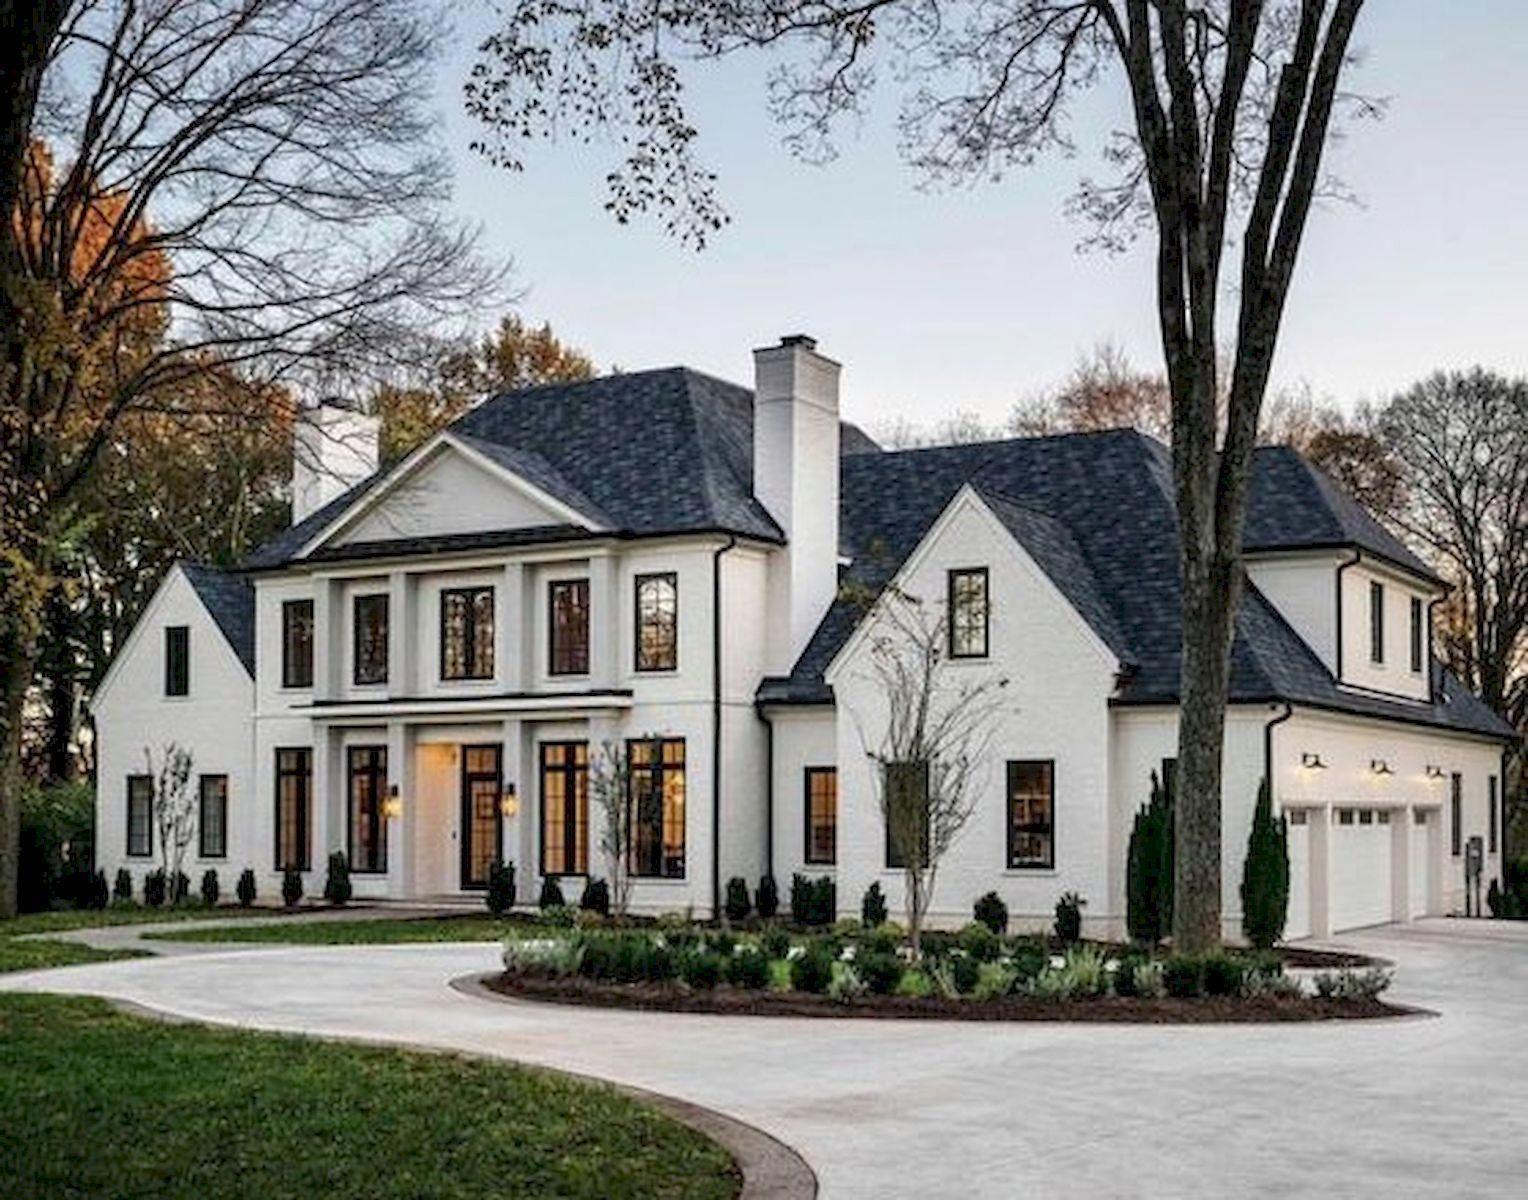 Housedecor House Designs Exterior Dream House Exterior House Exterior